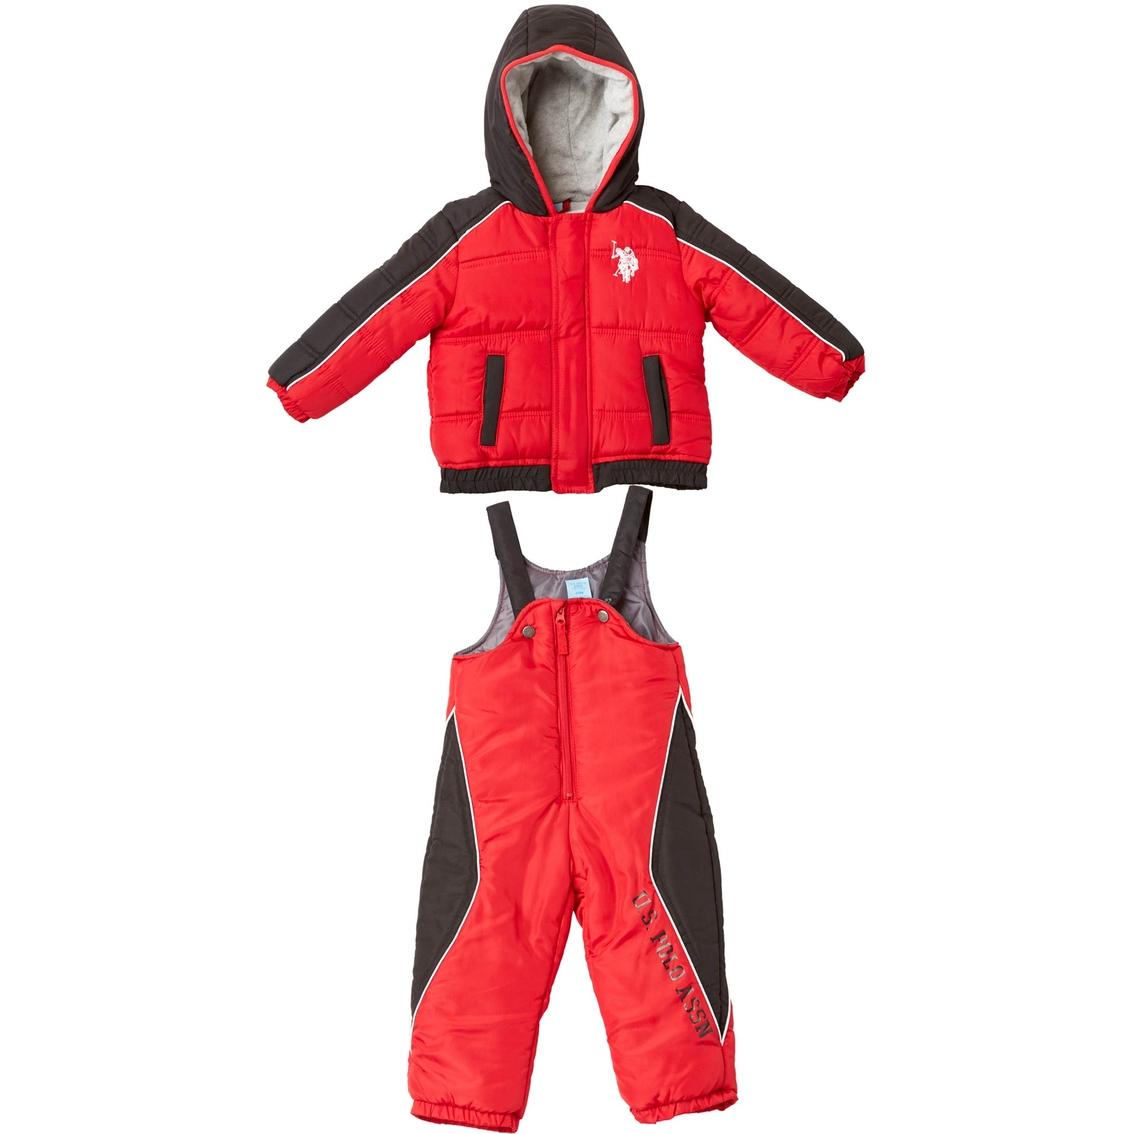 32c88524cc6a U.s. Polo Assn. Infant Boys 2 Pc. Snowsuit